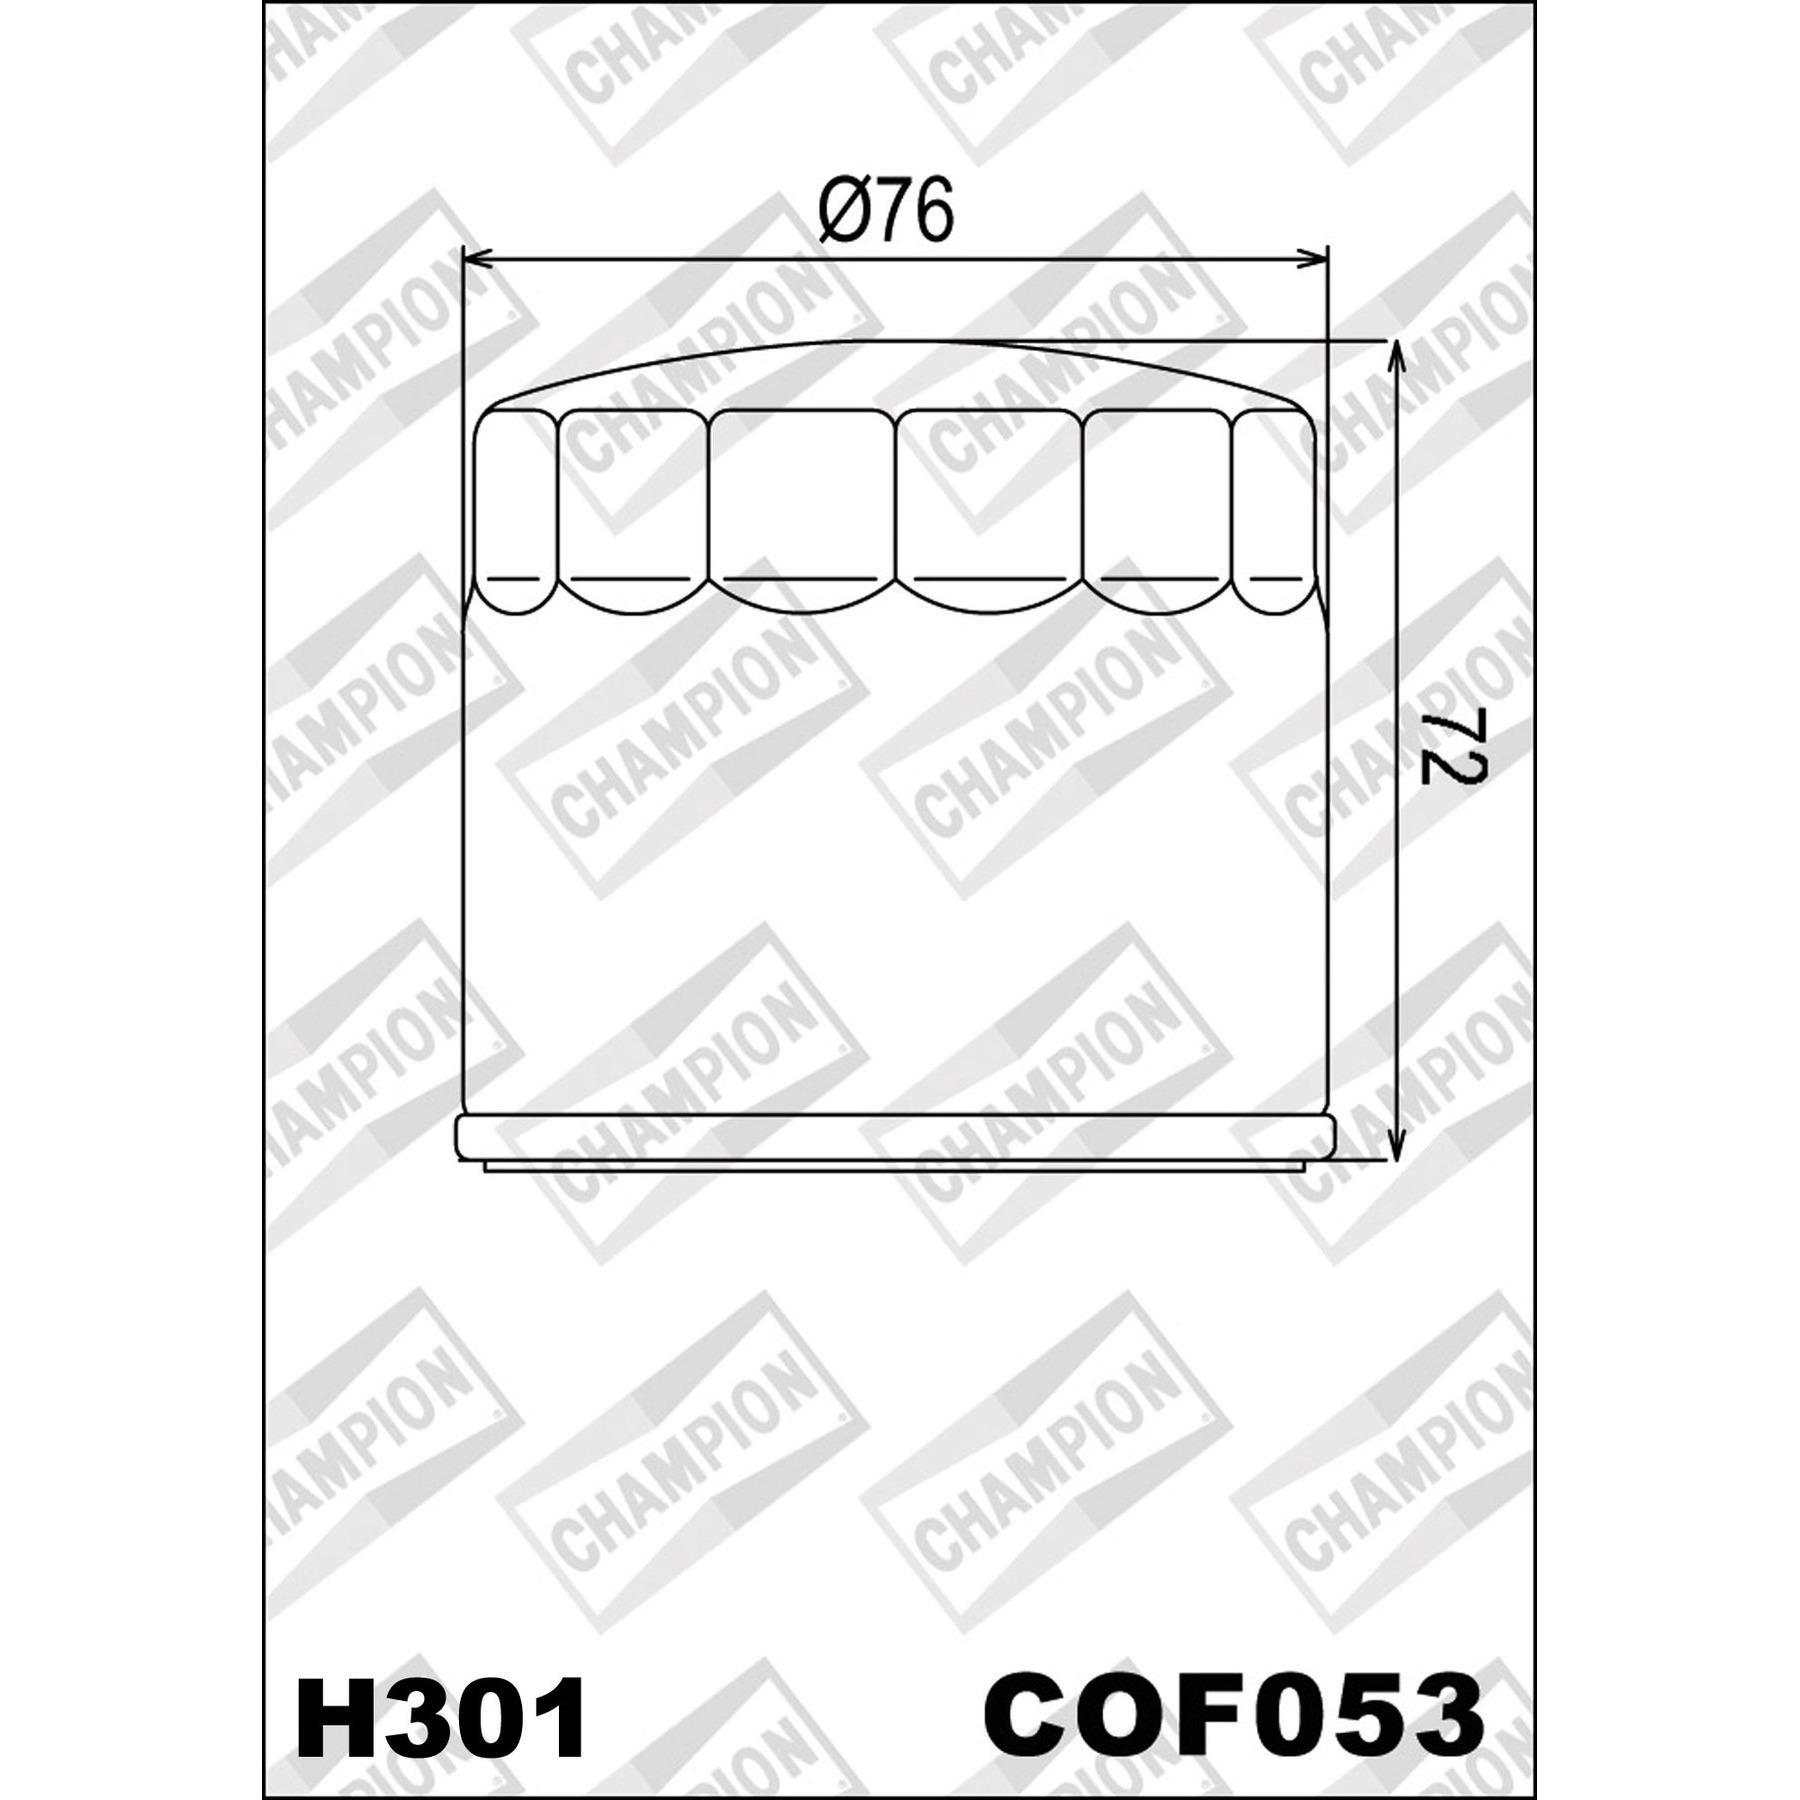 Buy CHAMPION OILFILTER COF053 DIVERSE CAGIVA/DUC.(H301